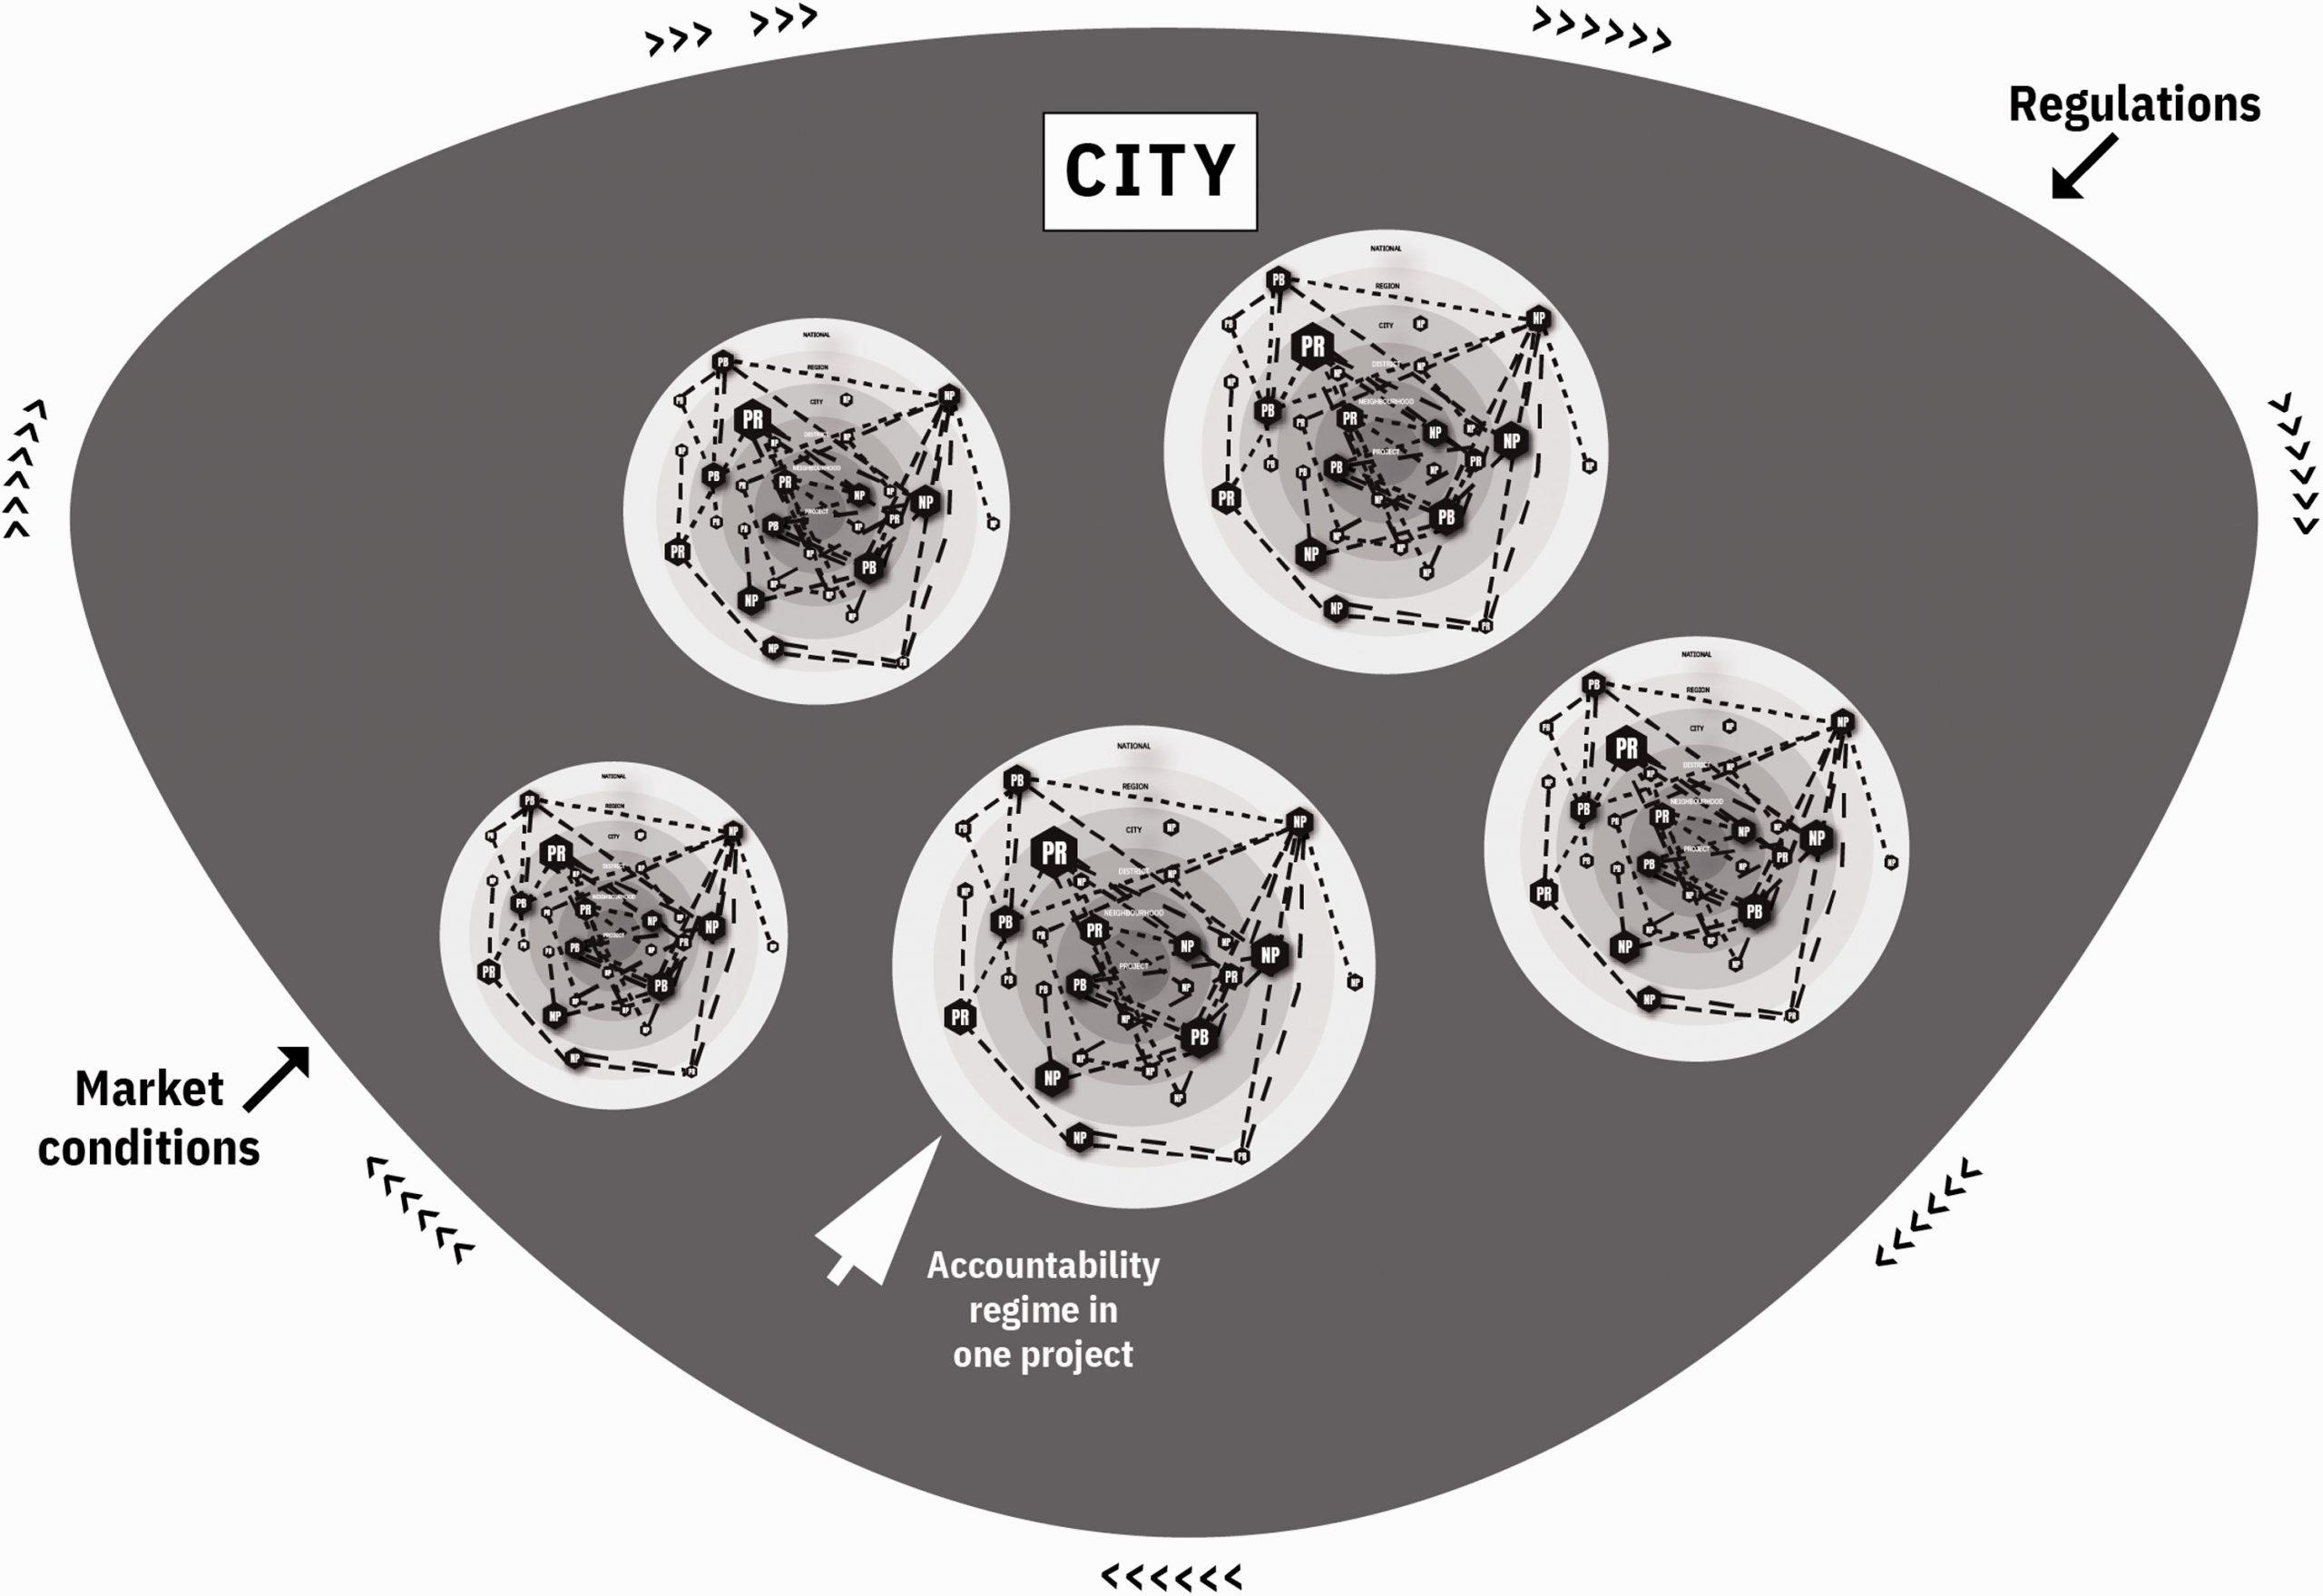 Illustration showing governance landscapes